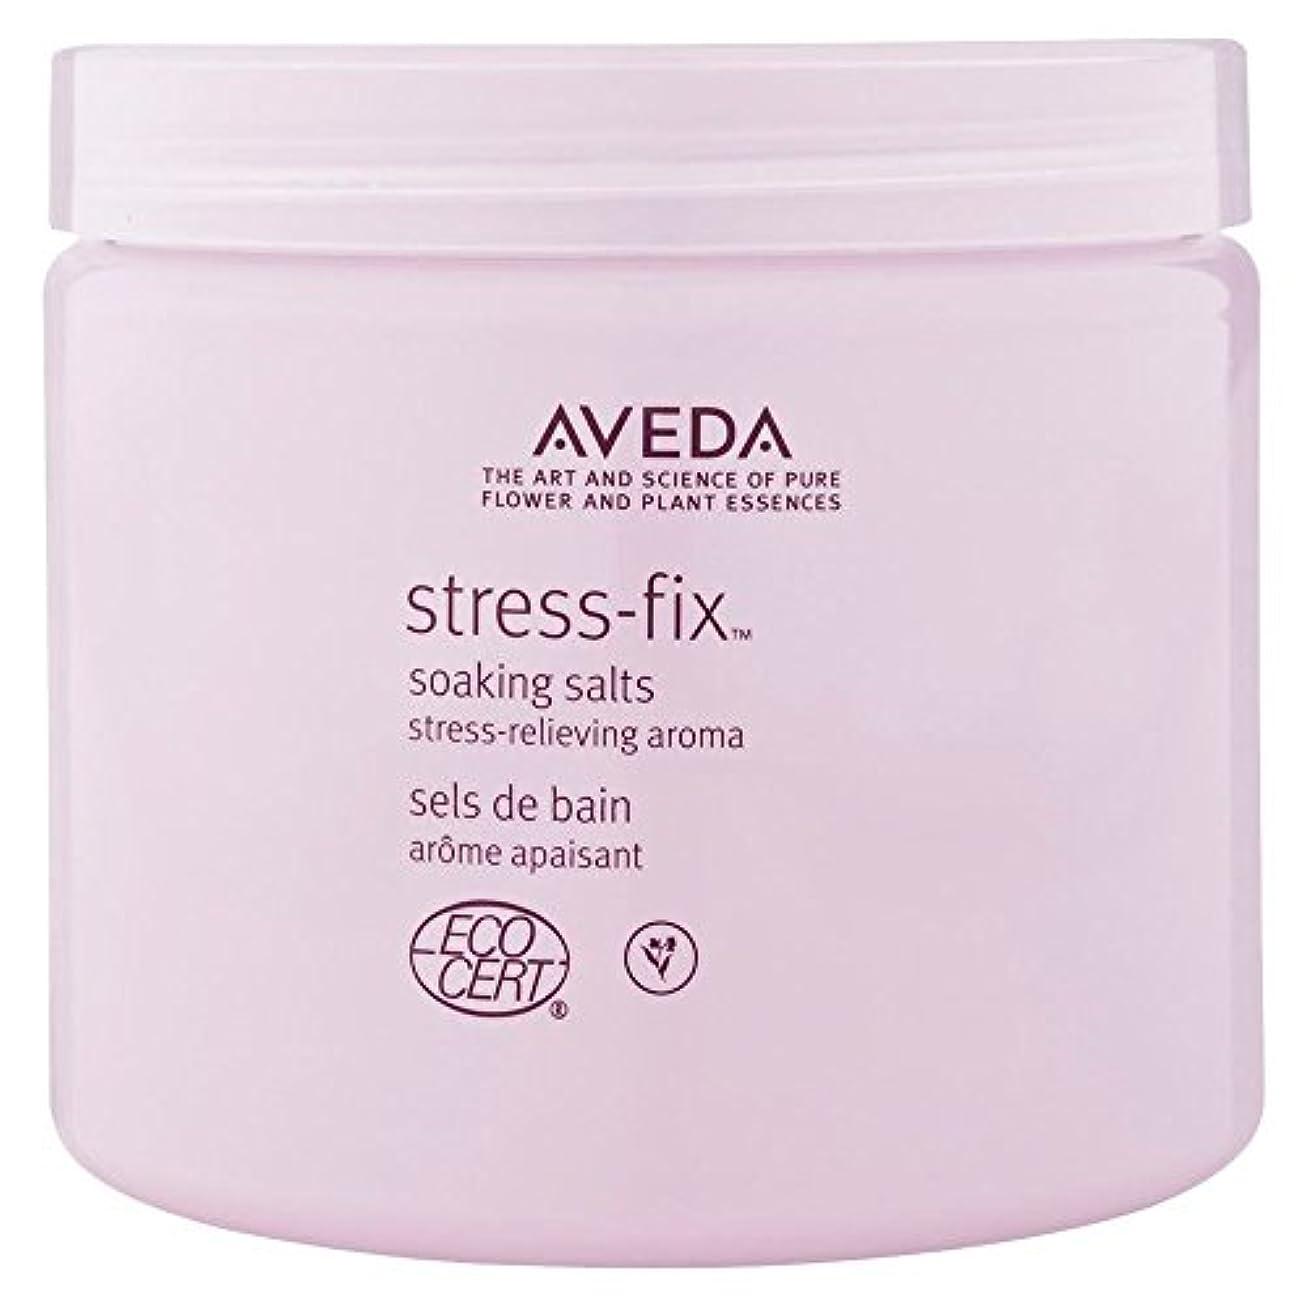 なすバラエティ風が強い[AVEDA] アヴェダストレスフィックス均熱塩454グラム - Aveda Stress-Fix Soaking Salts 454g [並行輸入品]